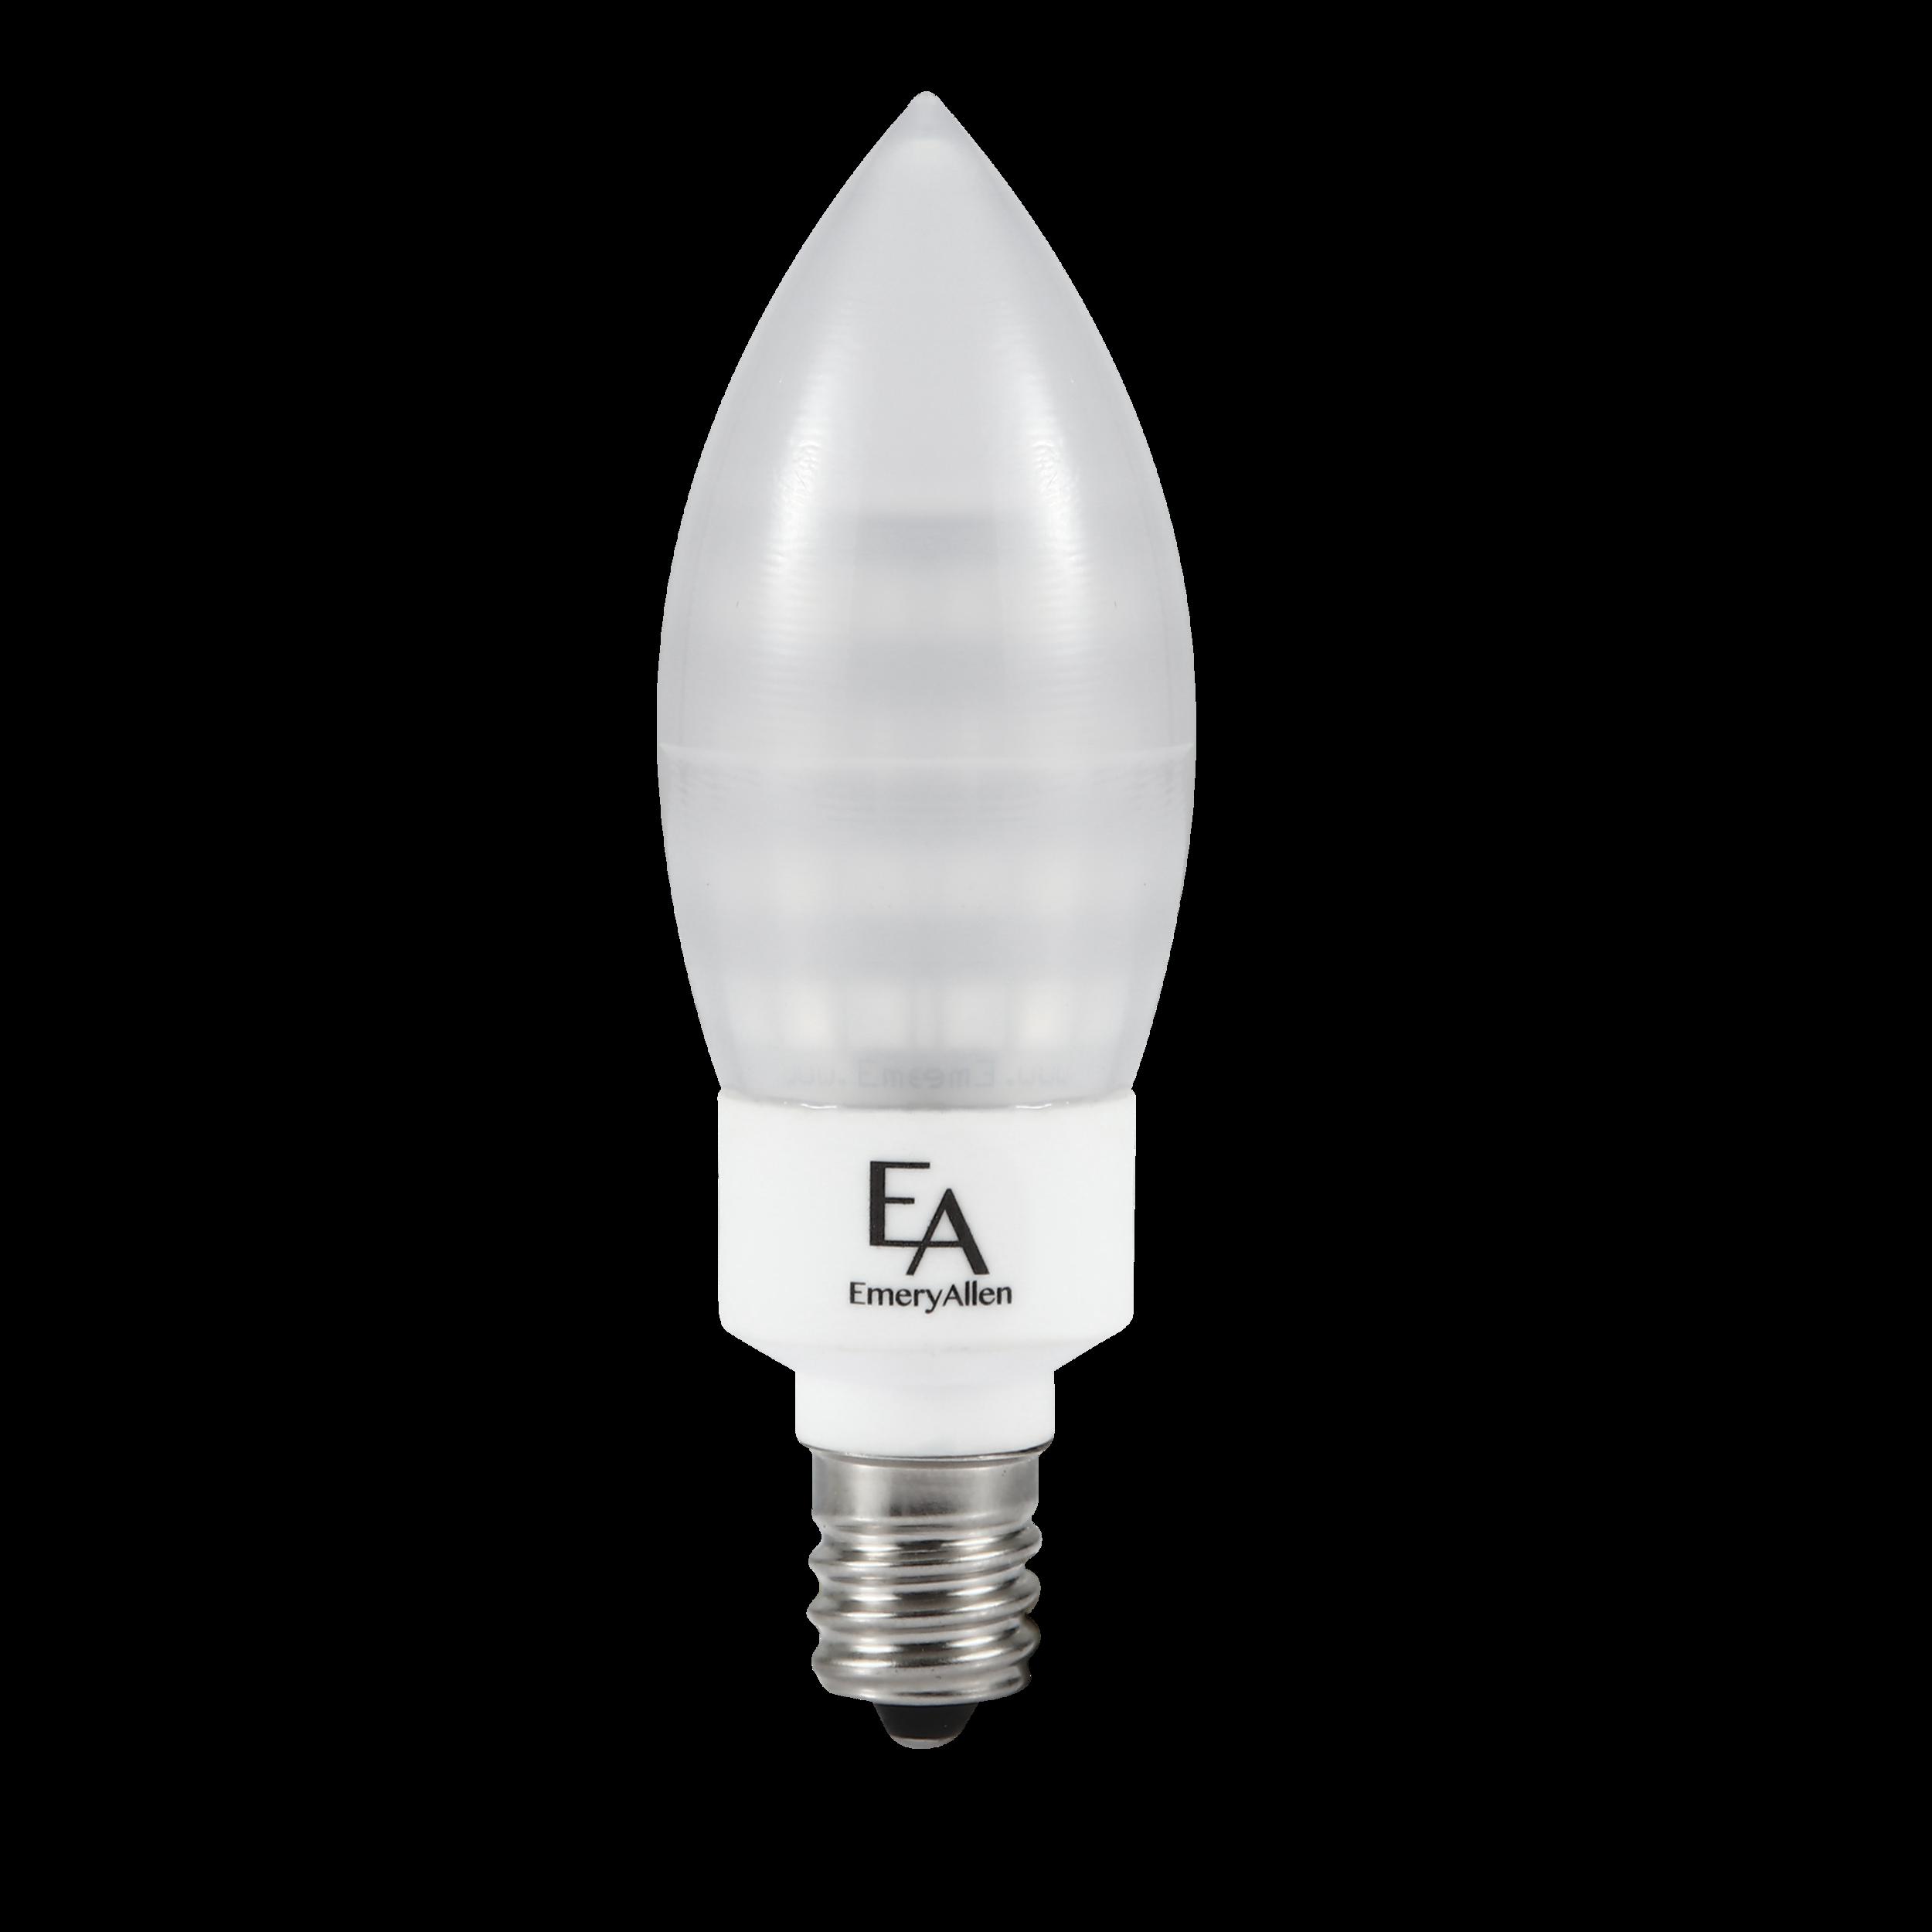 EA-E12-3.0W-002-AMB 1.png